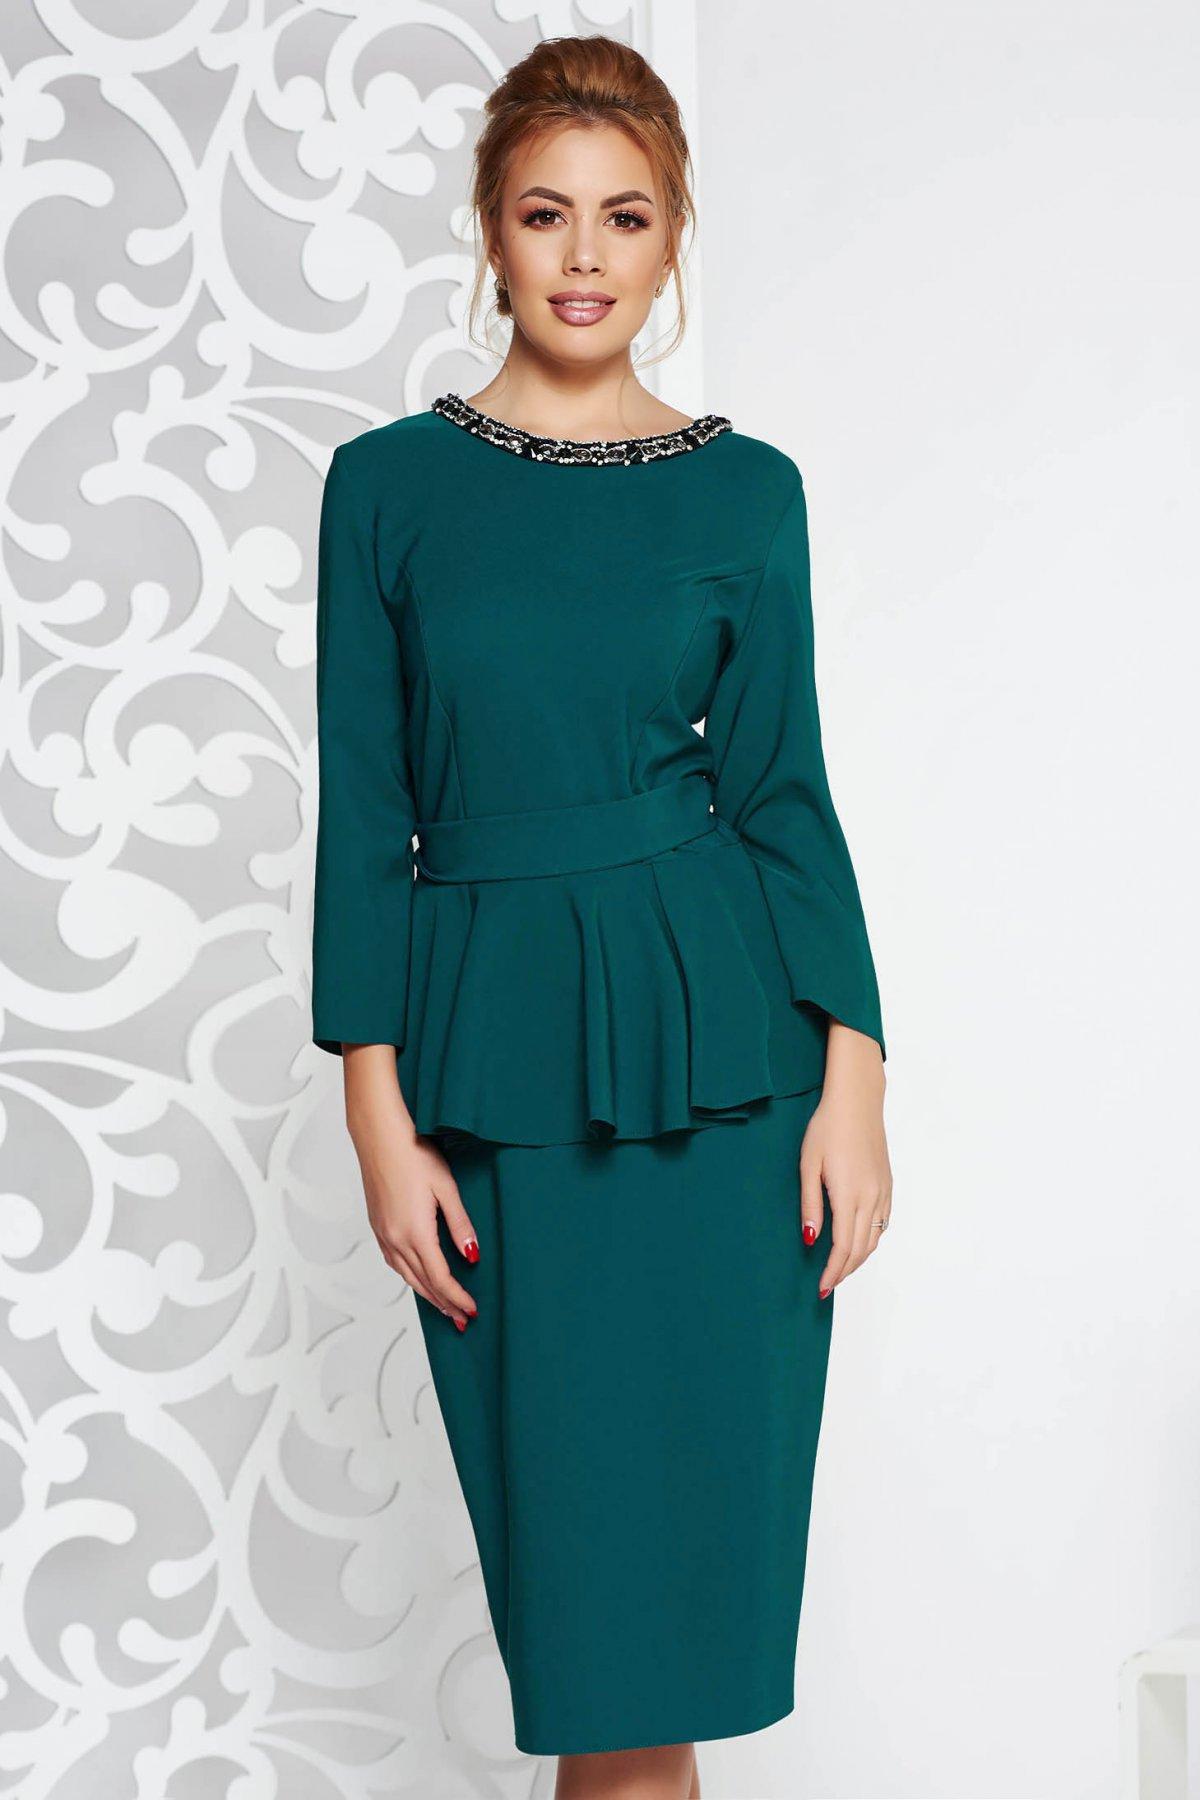 Rochie verde eleganta midi din stofa usor elastica cu peplum cu aplicatii cu pietre strass accesorizata cu cordon